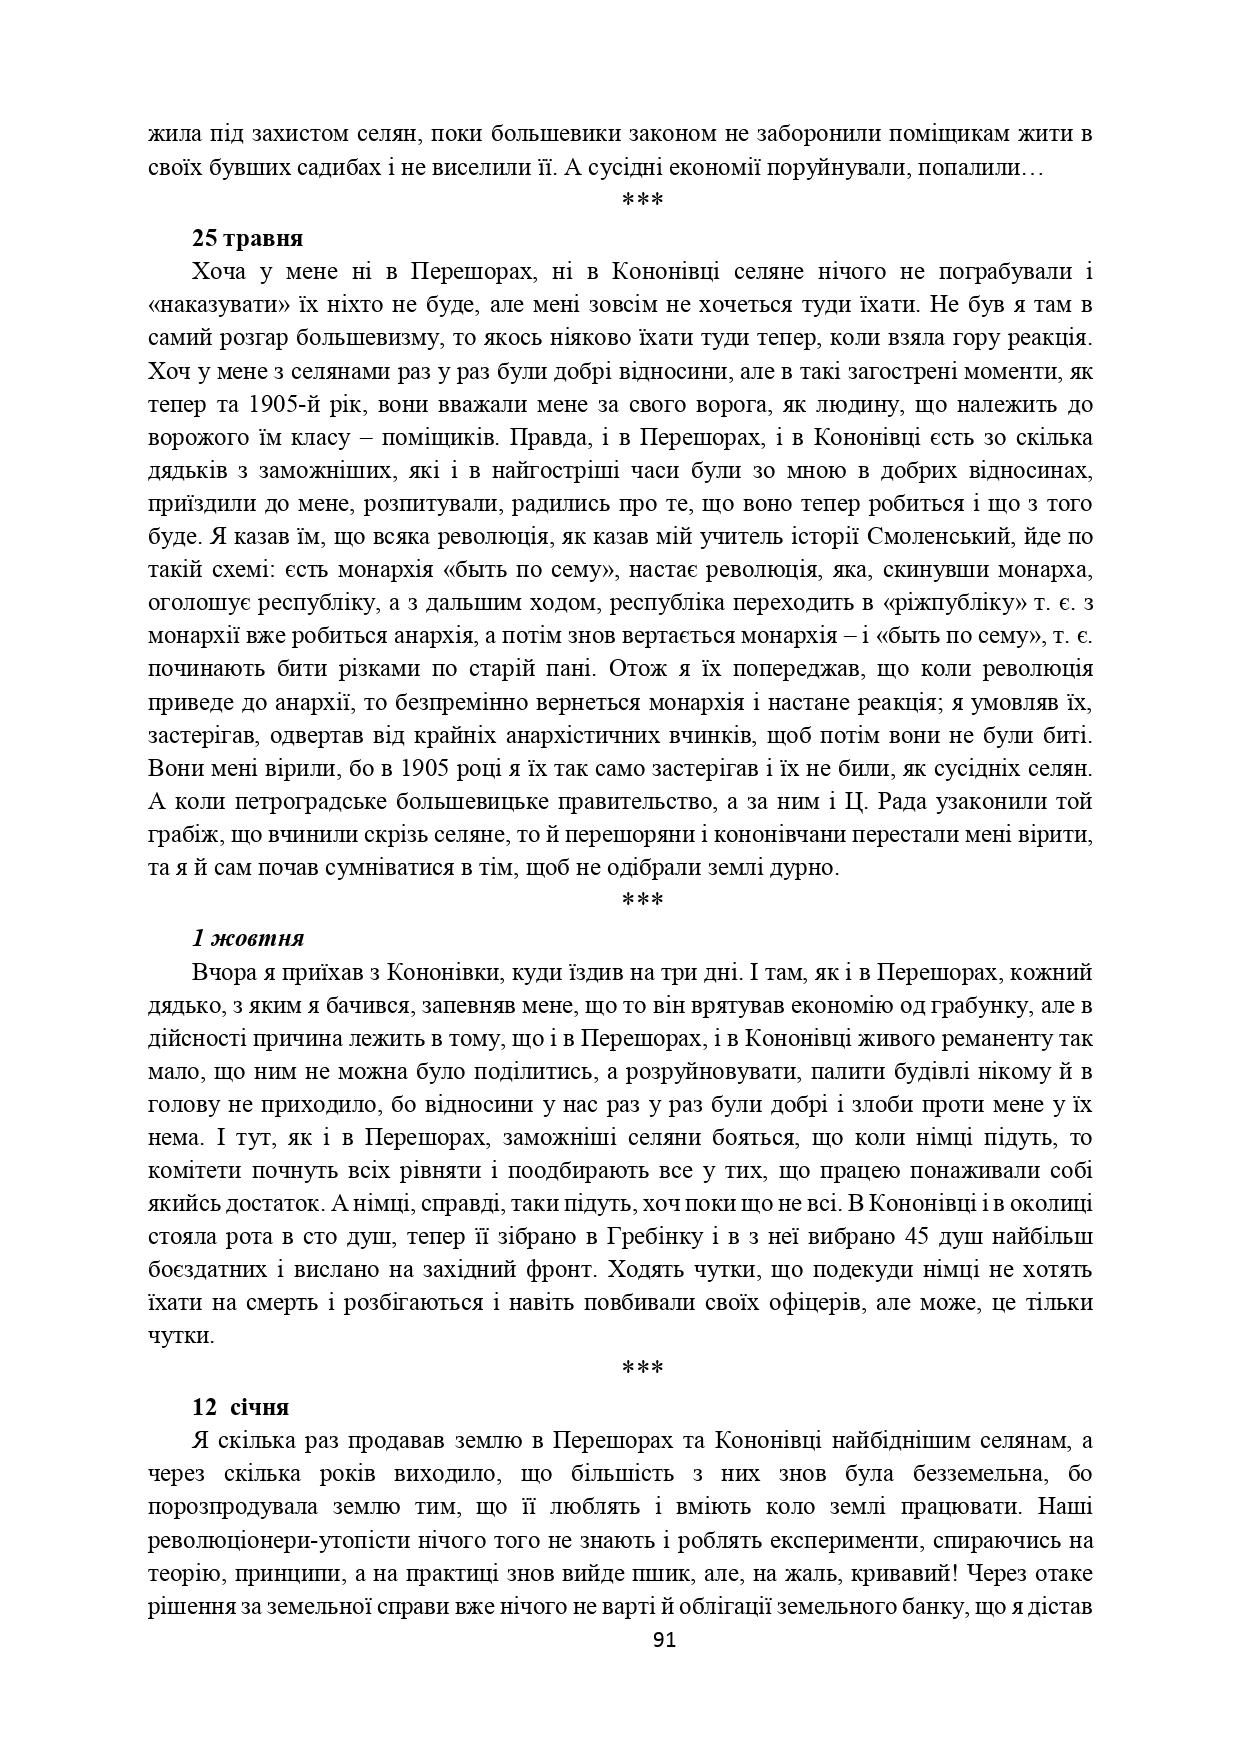 ІСТОРІЯ СЕЛА КОНОНІВКА 2021 (1)_page-0091